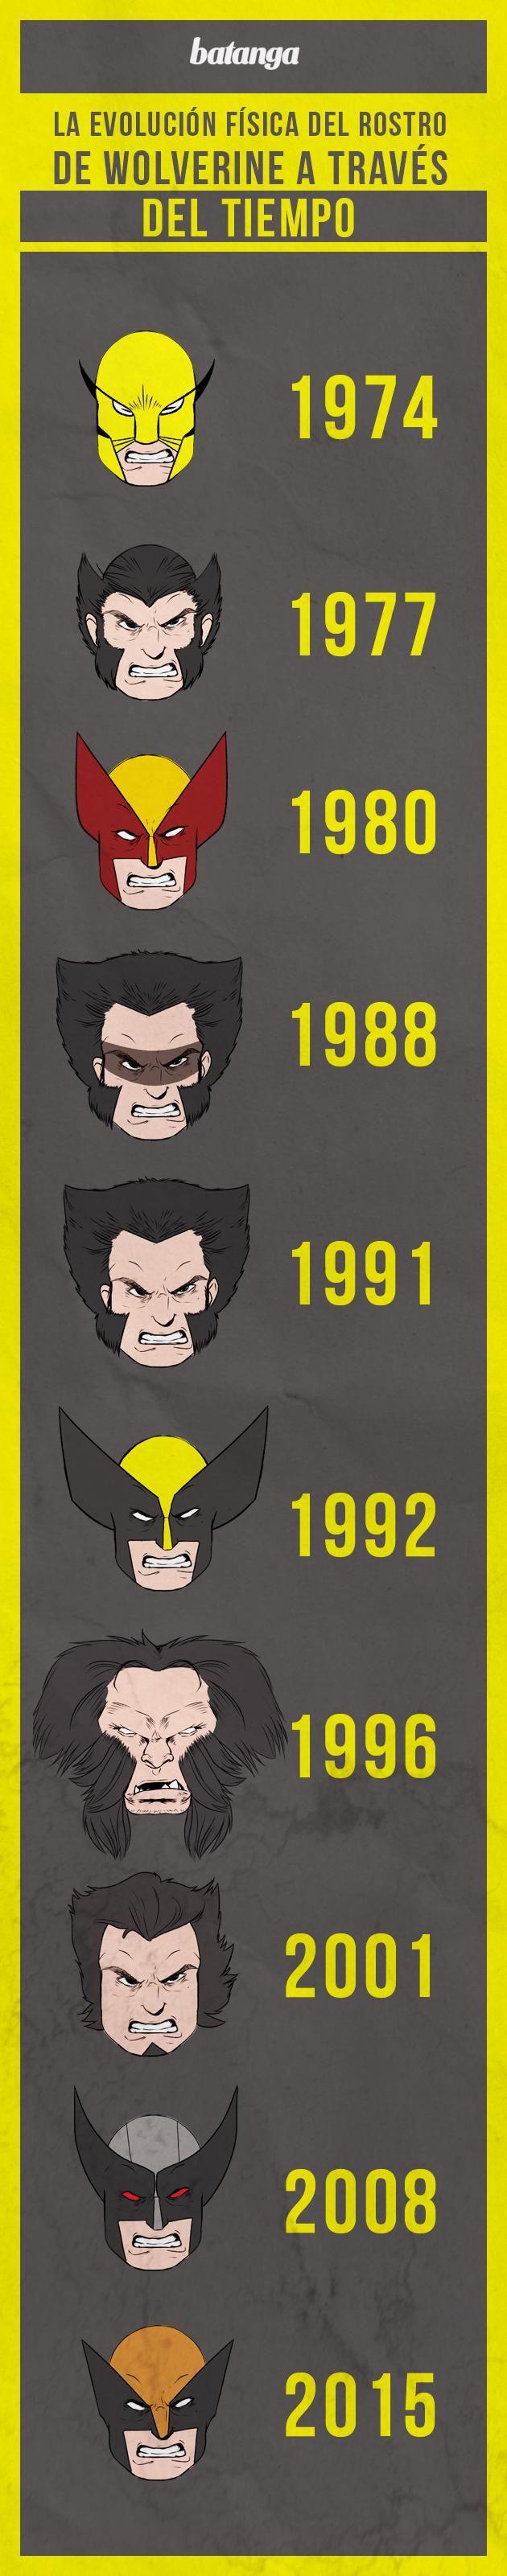 ¡mira La Evoluci�n F�sica Del Rostro De Wolverine A Trav�s Del Tiempo!